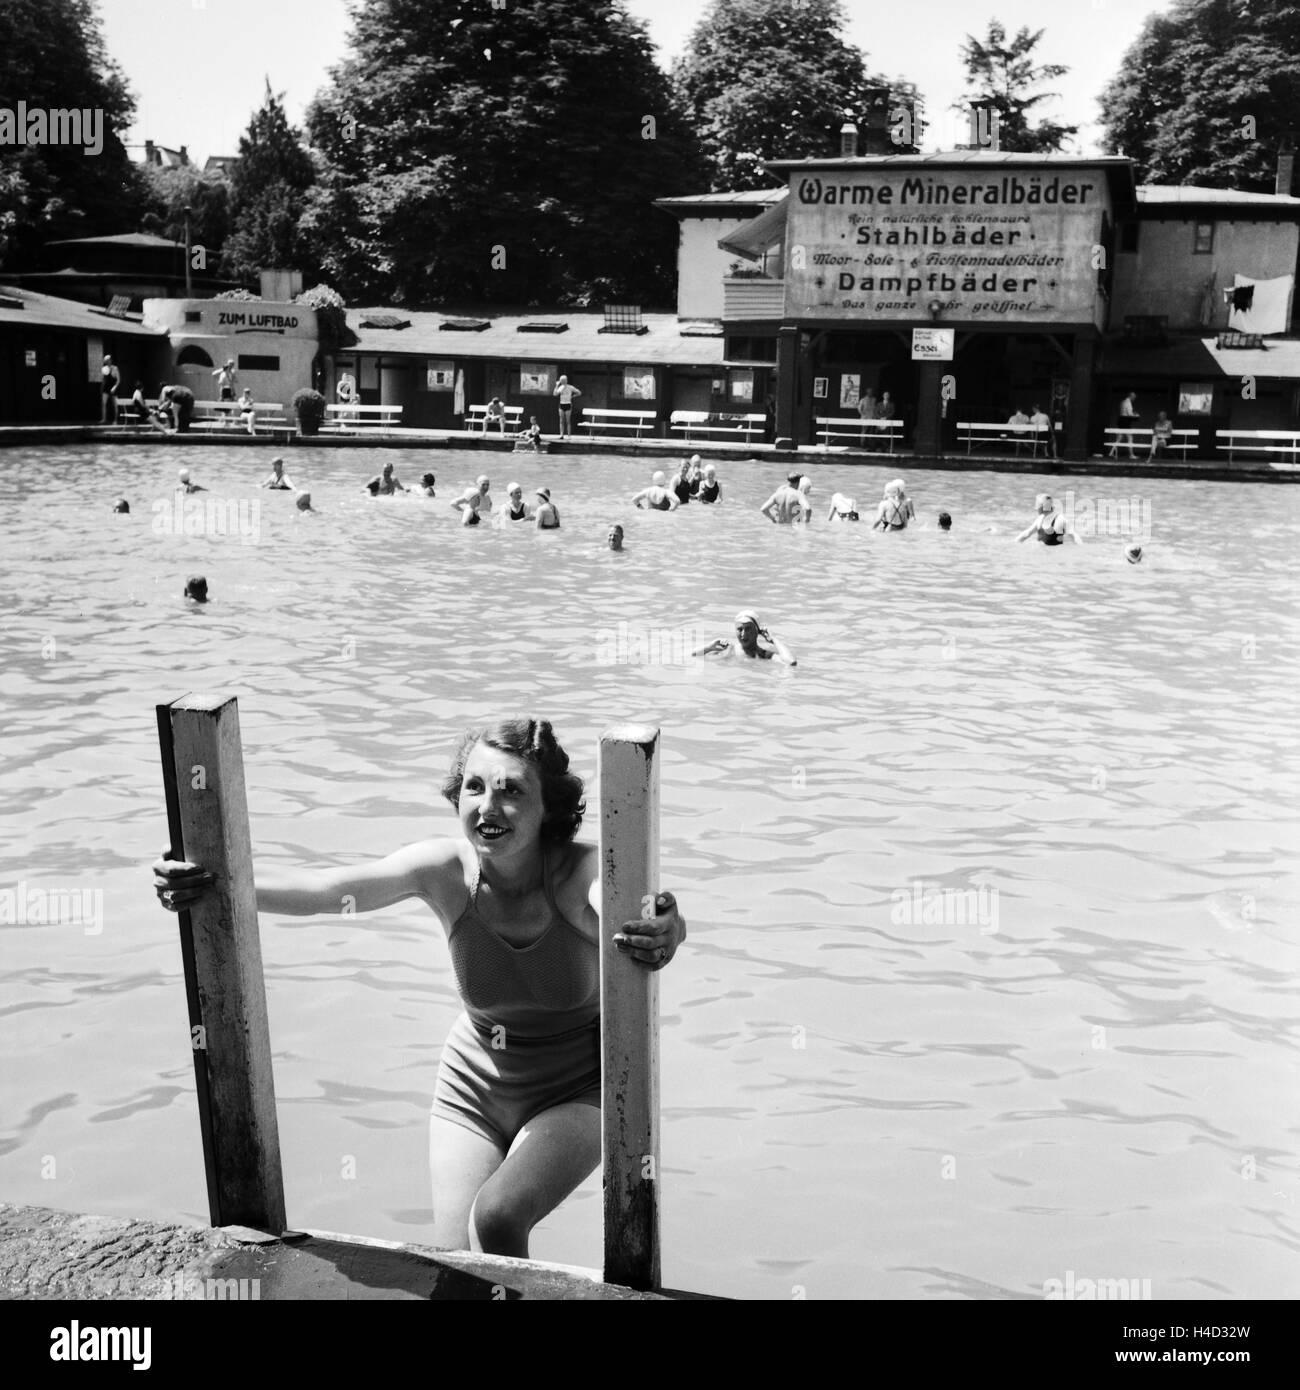 Eine Frau Steigt aus Dem Schwimmbecken Eines Mineralbads, 1930er Jahre Deutschland. Eine Frau aus einer Spa-Schwimmbad, Stockbild